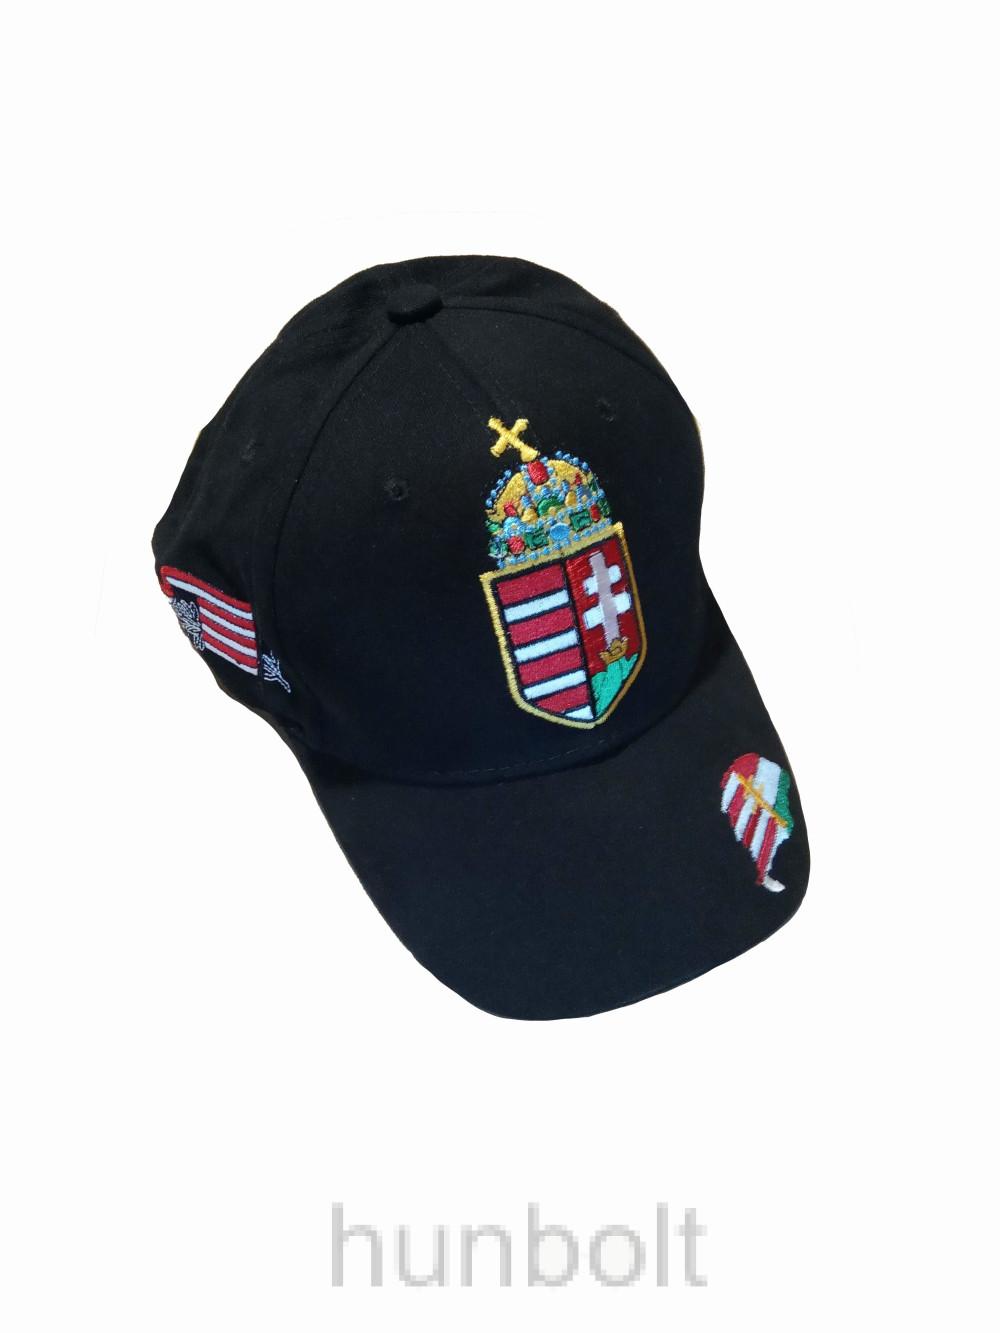 Baseball nagy címeres fekete sapka, Nagy-Magyarország hímzéssel- Hungary felirat nélkül